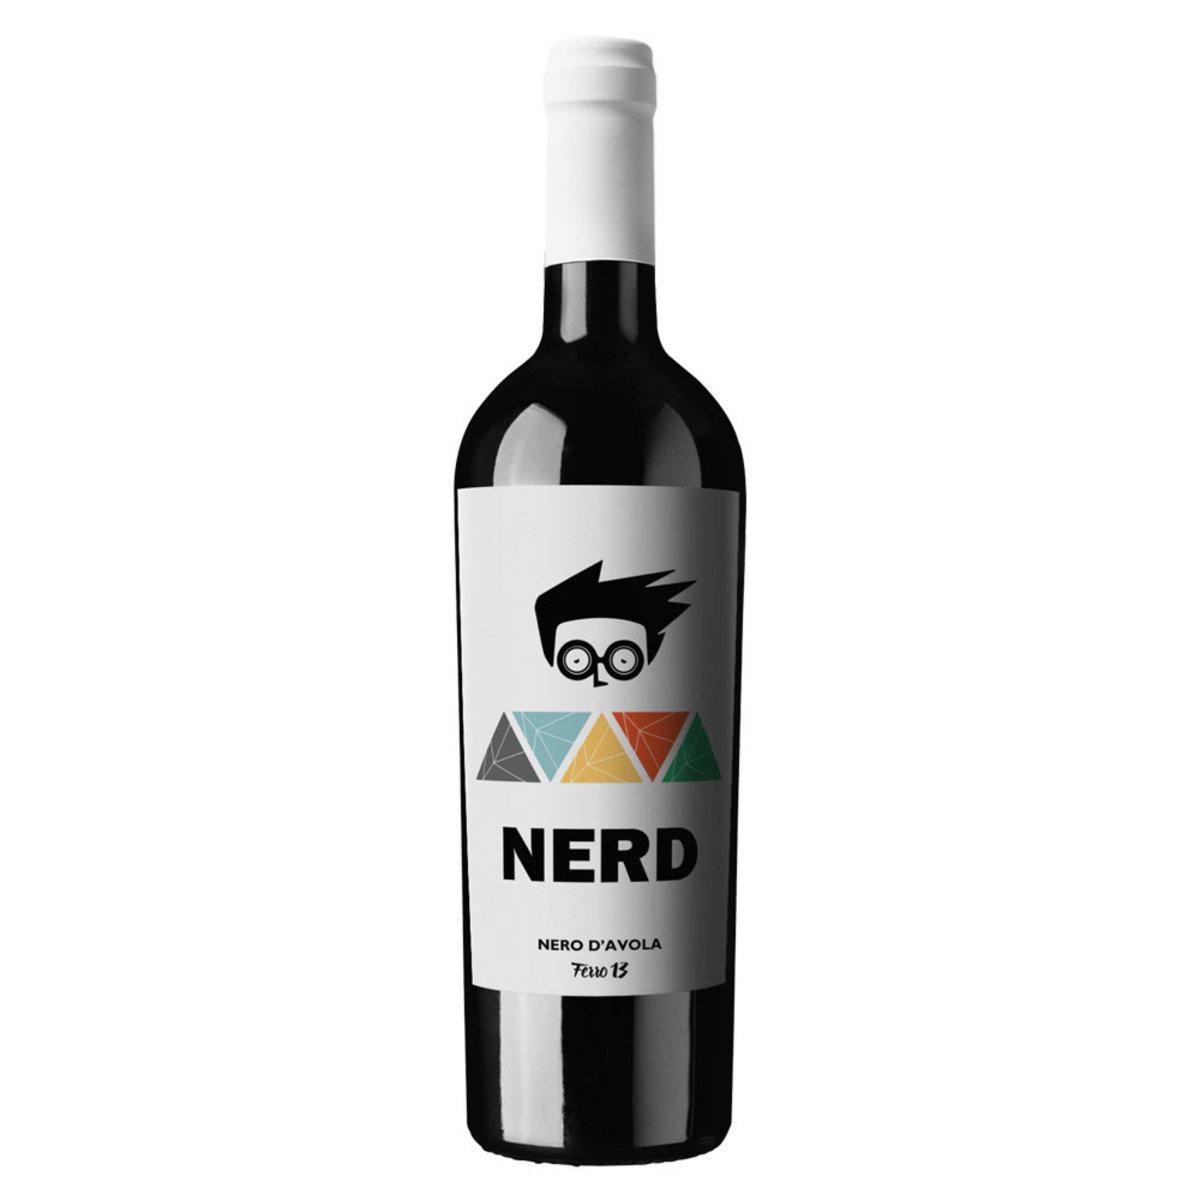 【意大利紅酒】Nerd 2017